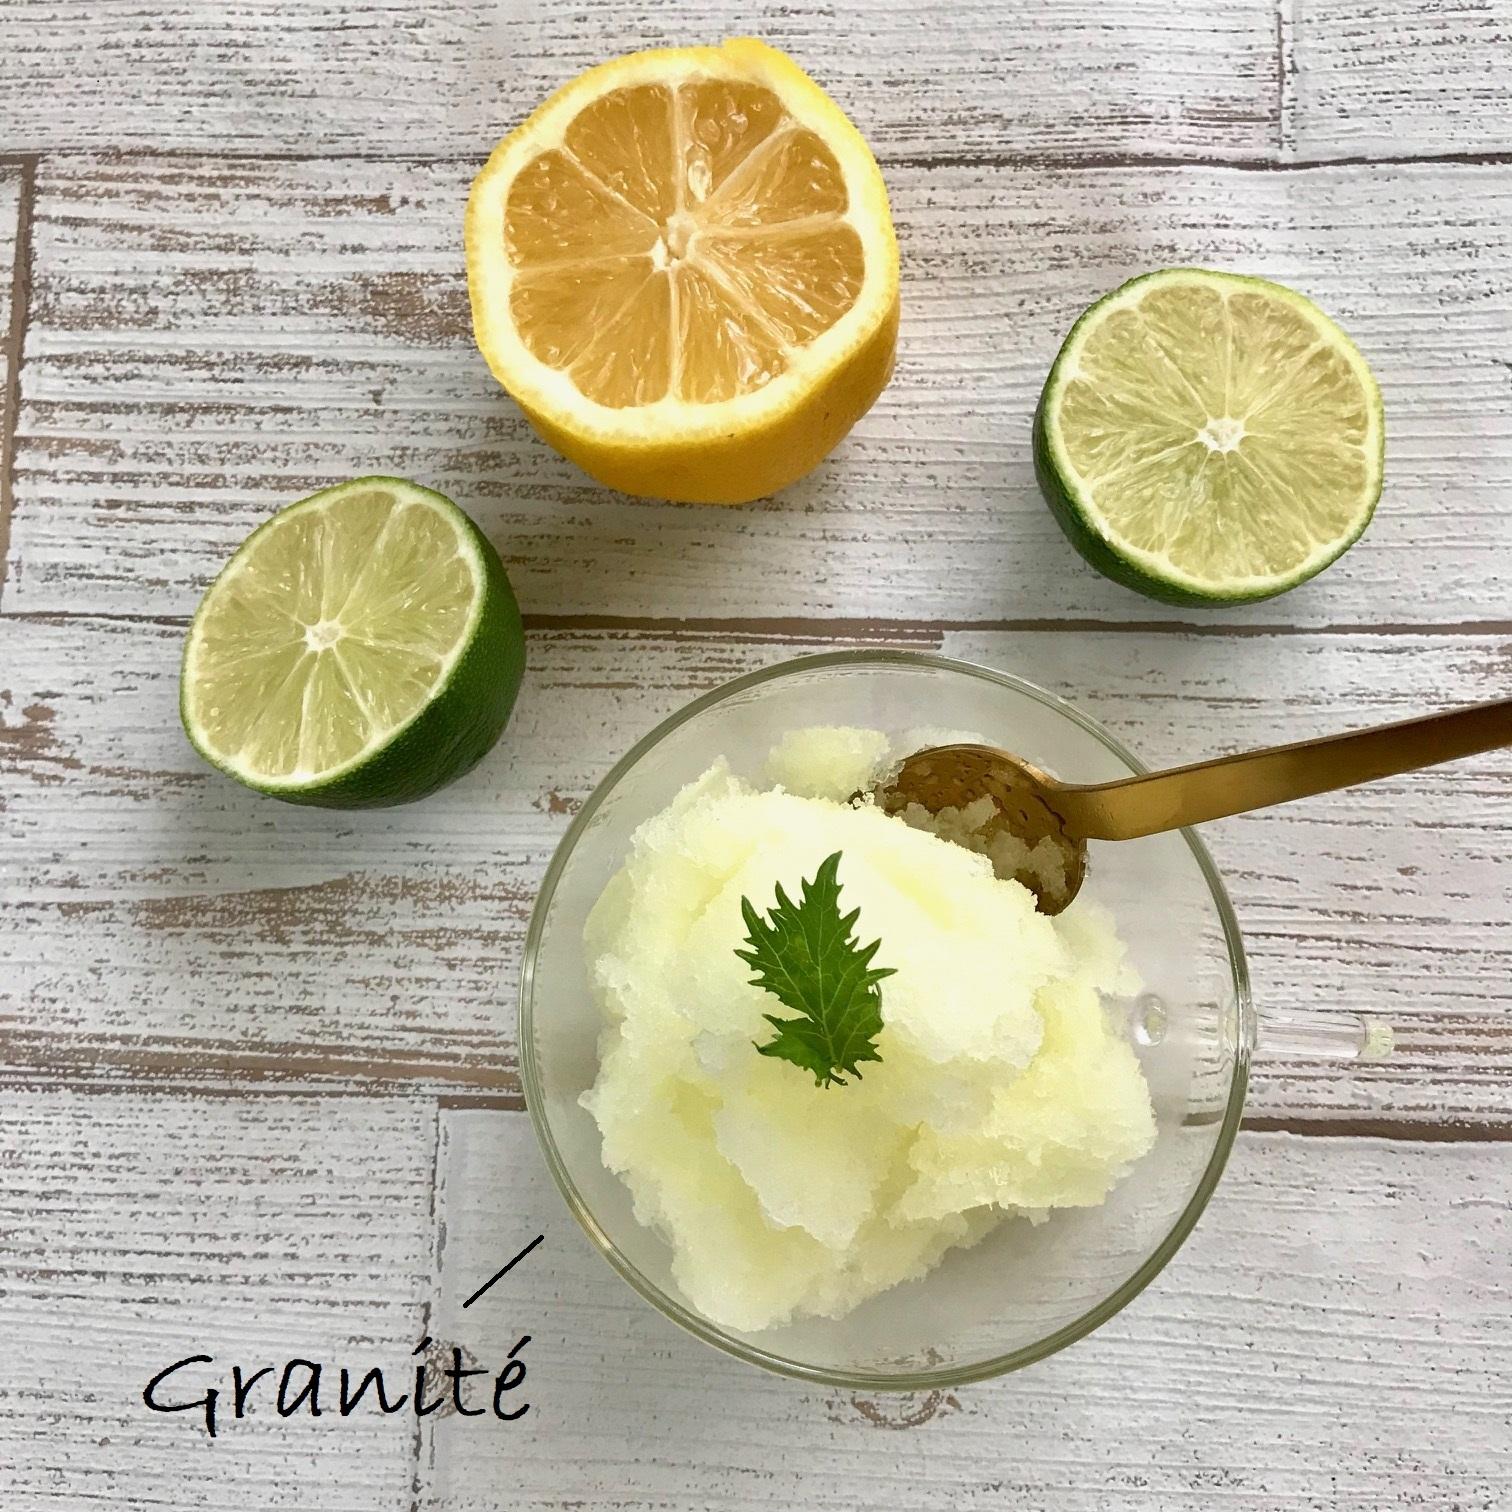 カルディのレモンチェッロを使ったグラニテ画像